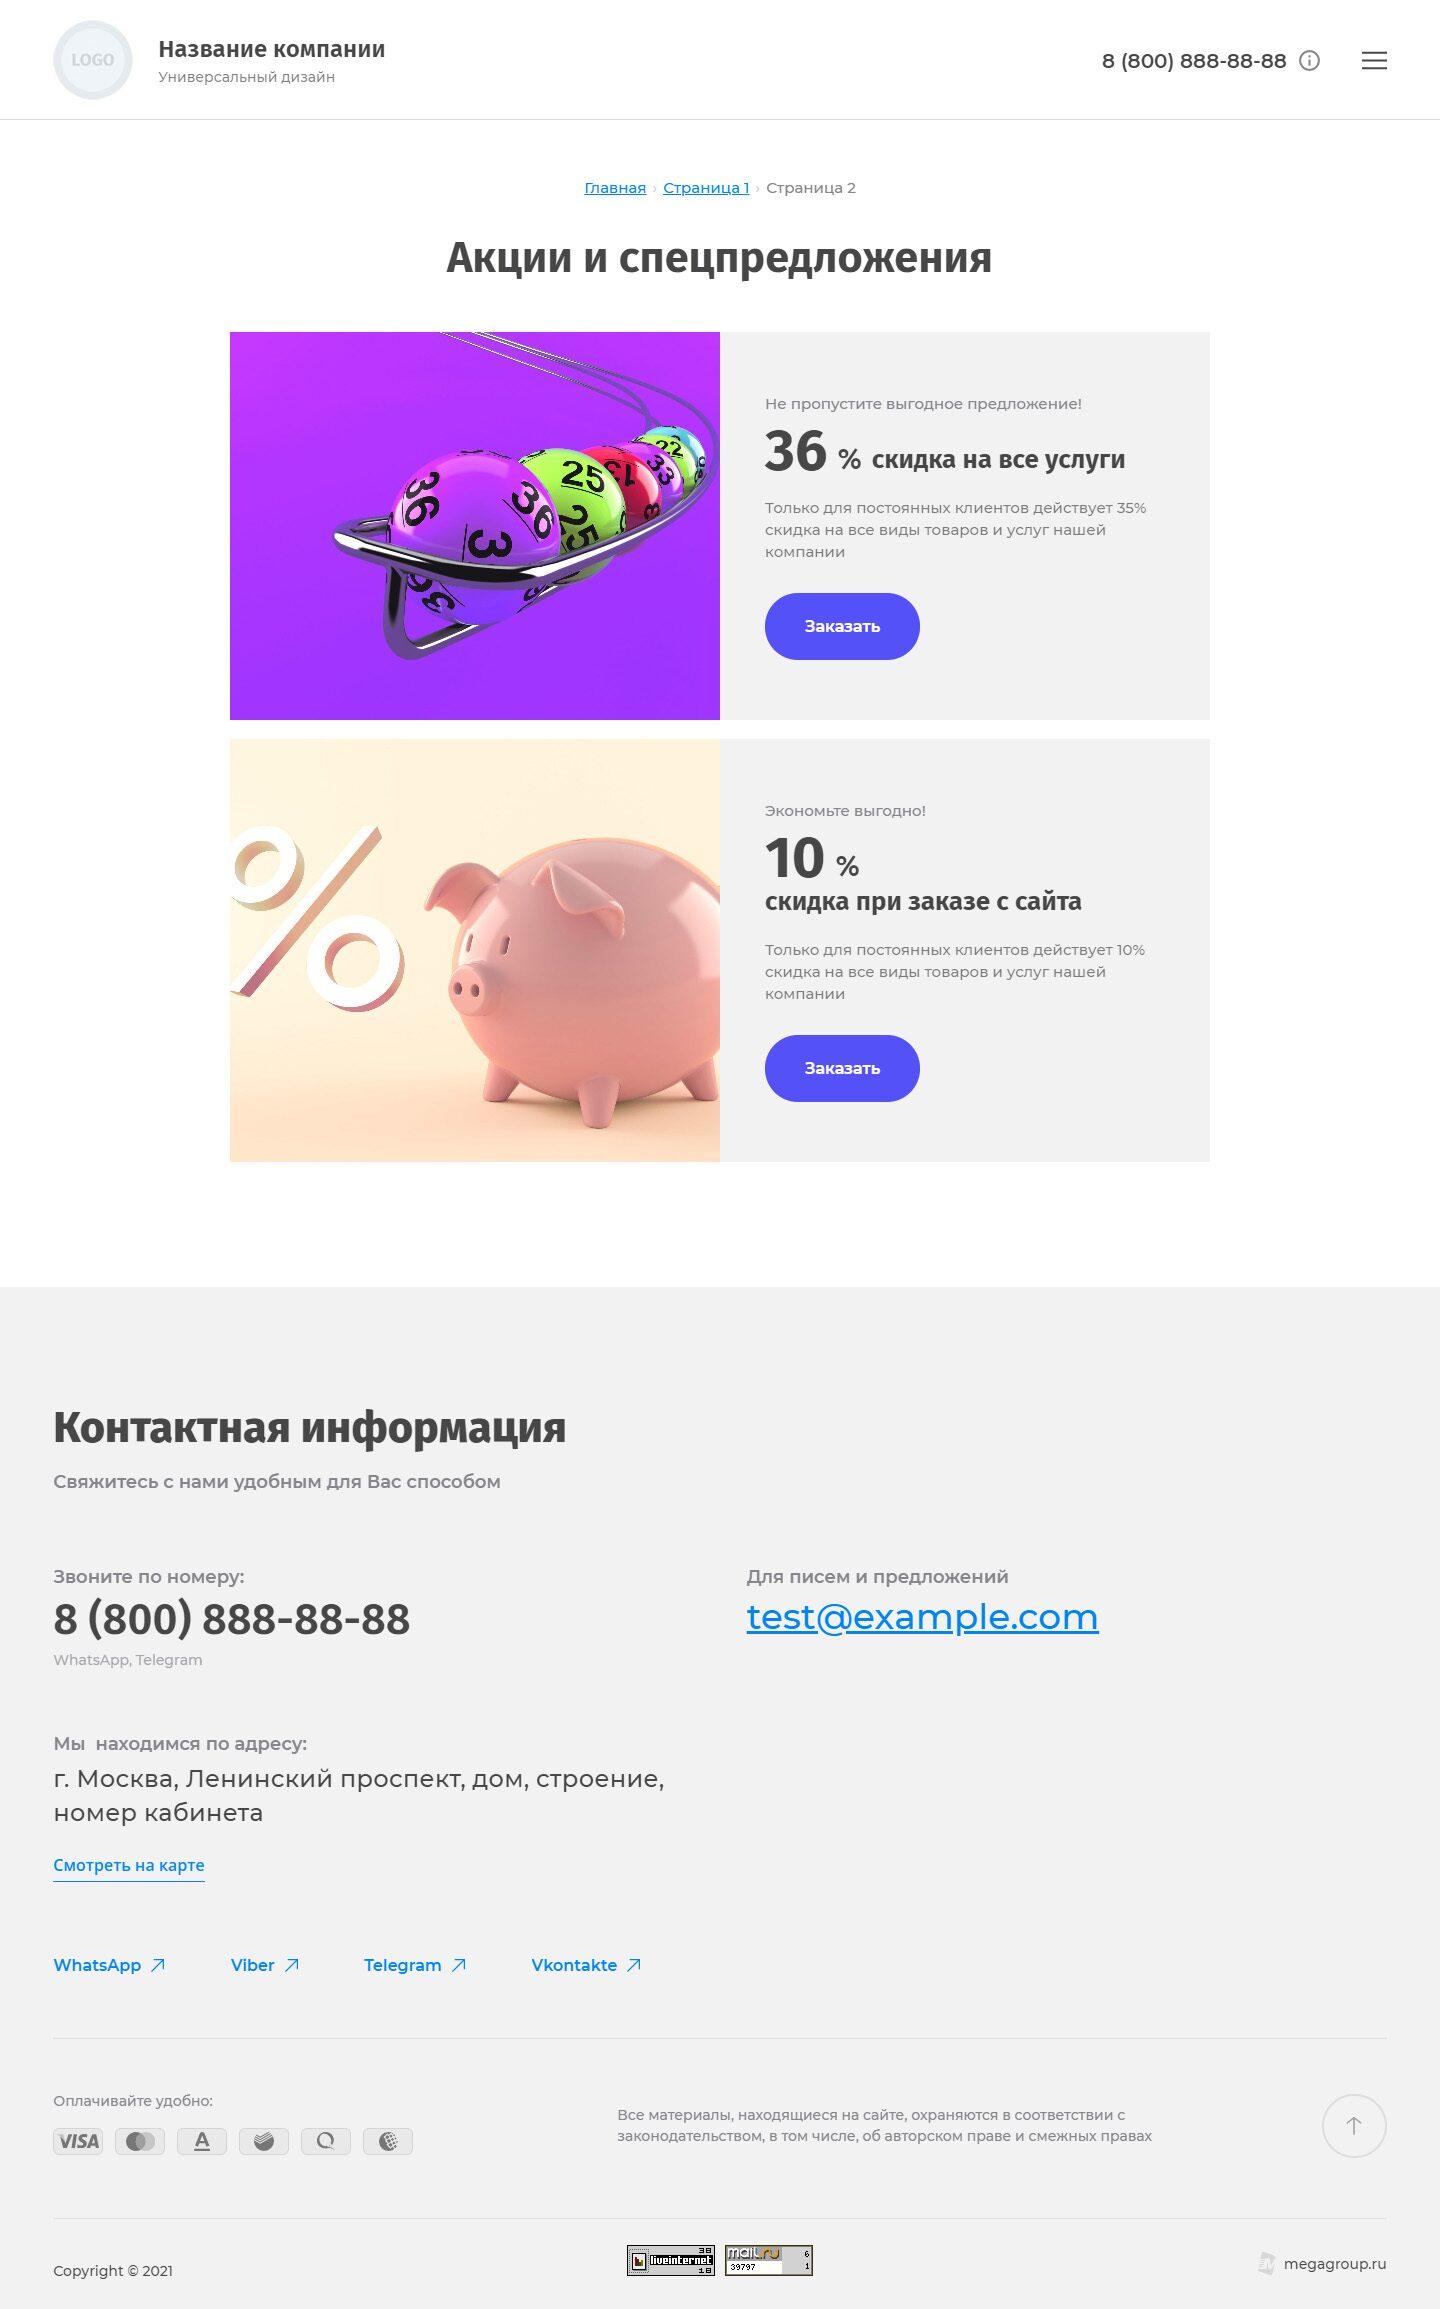 Готовый Сайт-Бизнес #3011116 - Универсальный дизайн (Акции и спецпредложения)